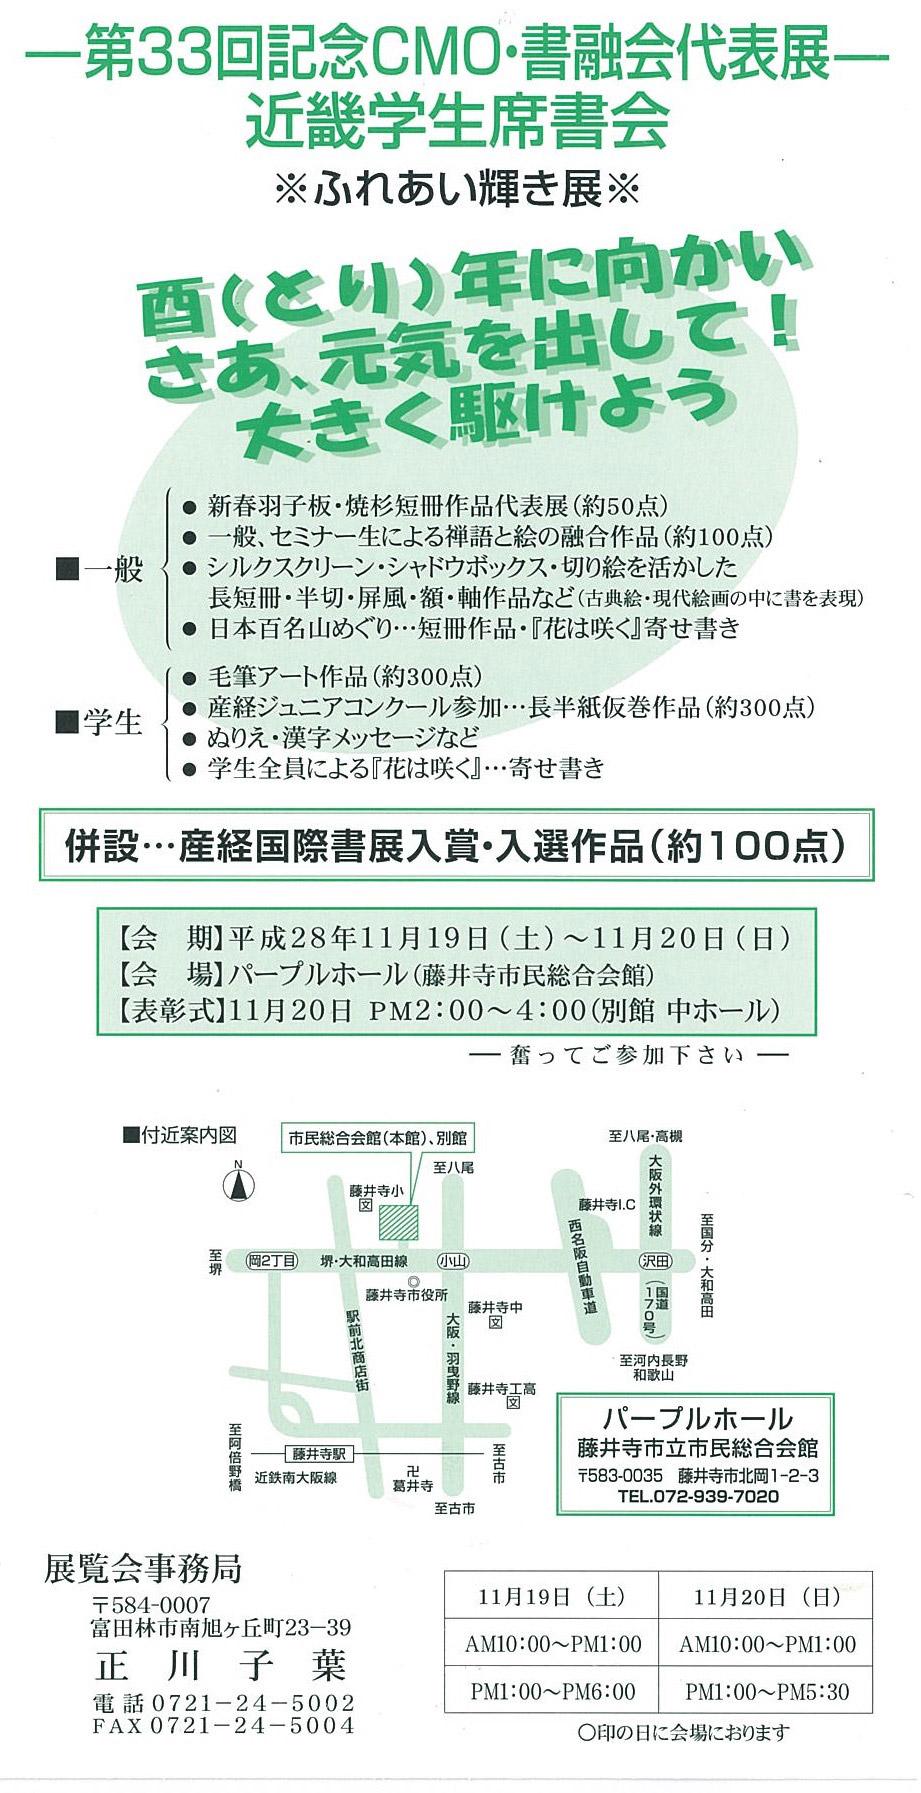 第33回記念CMO展・近畿席書会